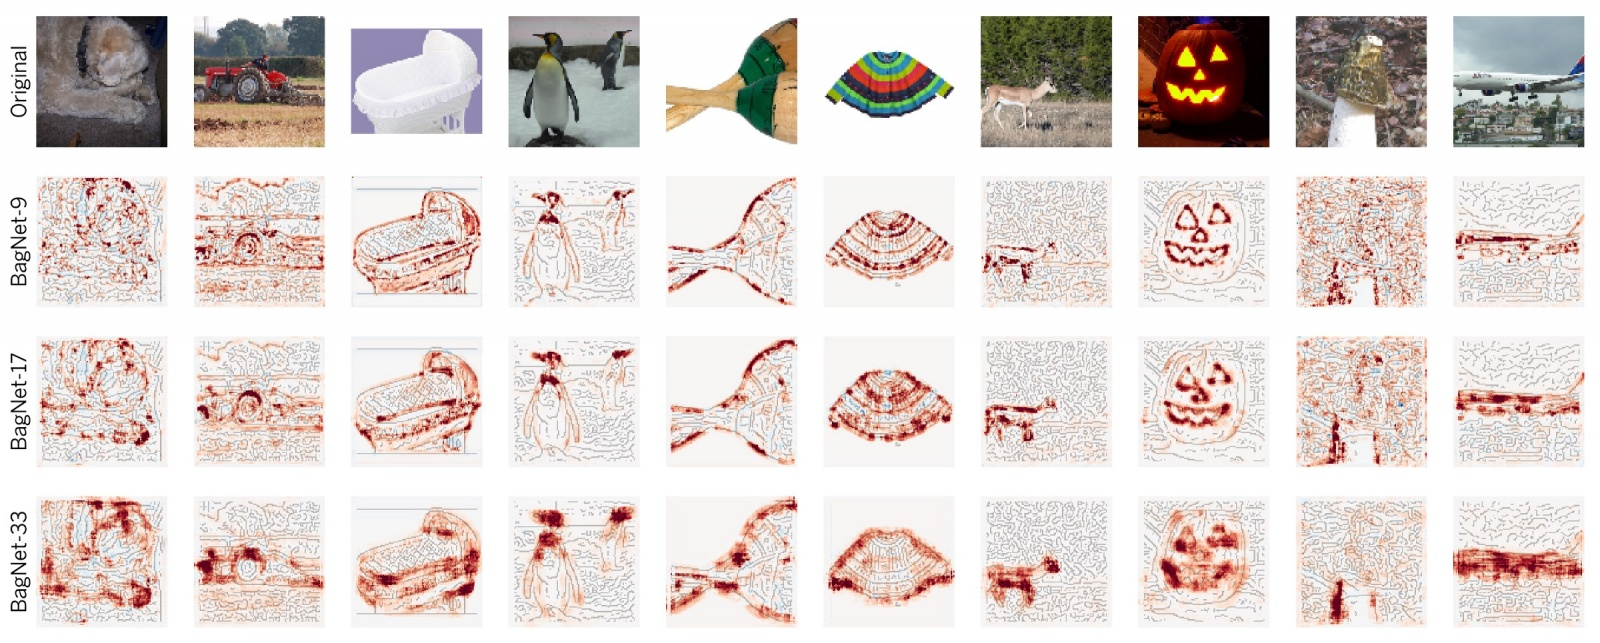 У нейросетей удивительно простая стратегия классификации изображений - 5